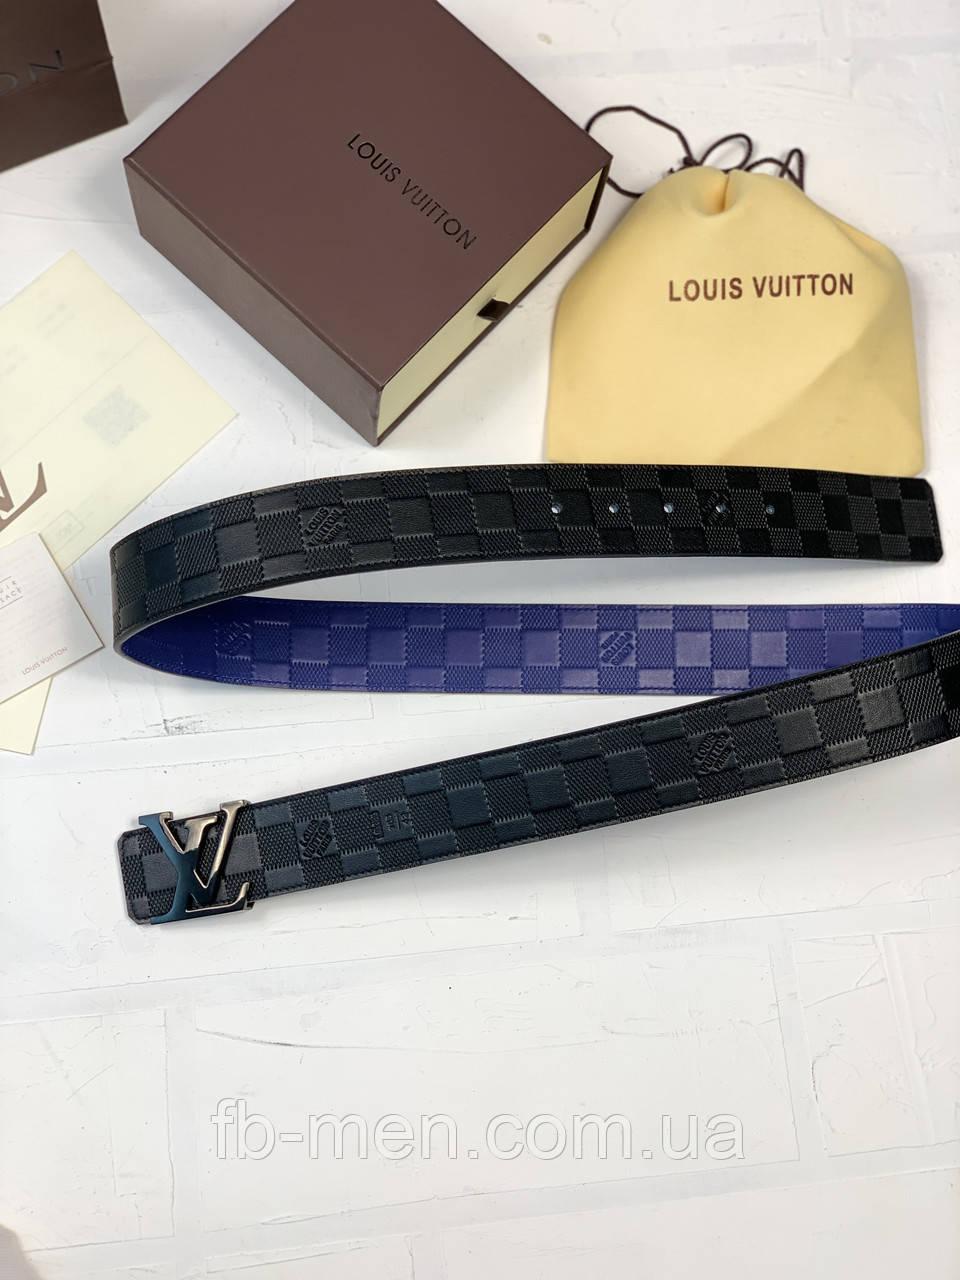 Ремень Louis Vuitton двухсторонний черно-синий|Пояс ремень мужской женский Луи Виттон черно-синяя шашка